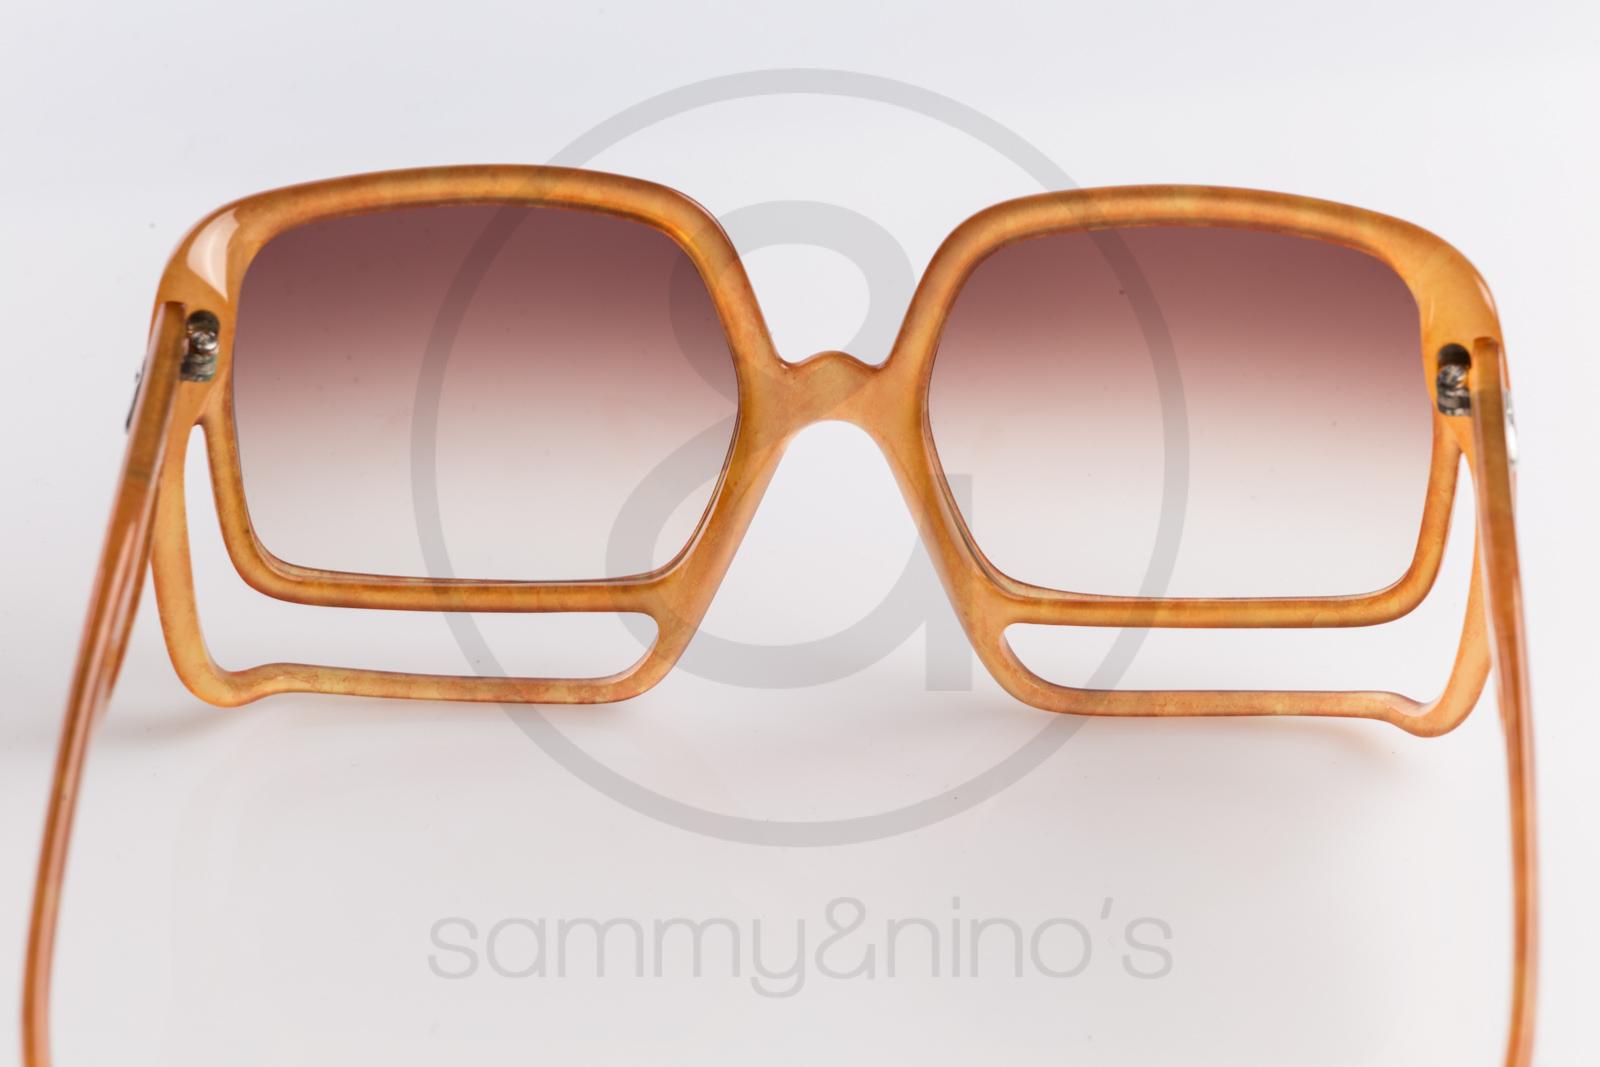 Dior Glasses Frame 2015 : dior sunglasses 2015